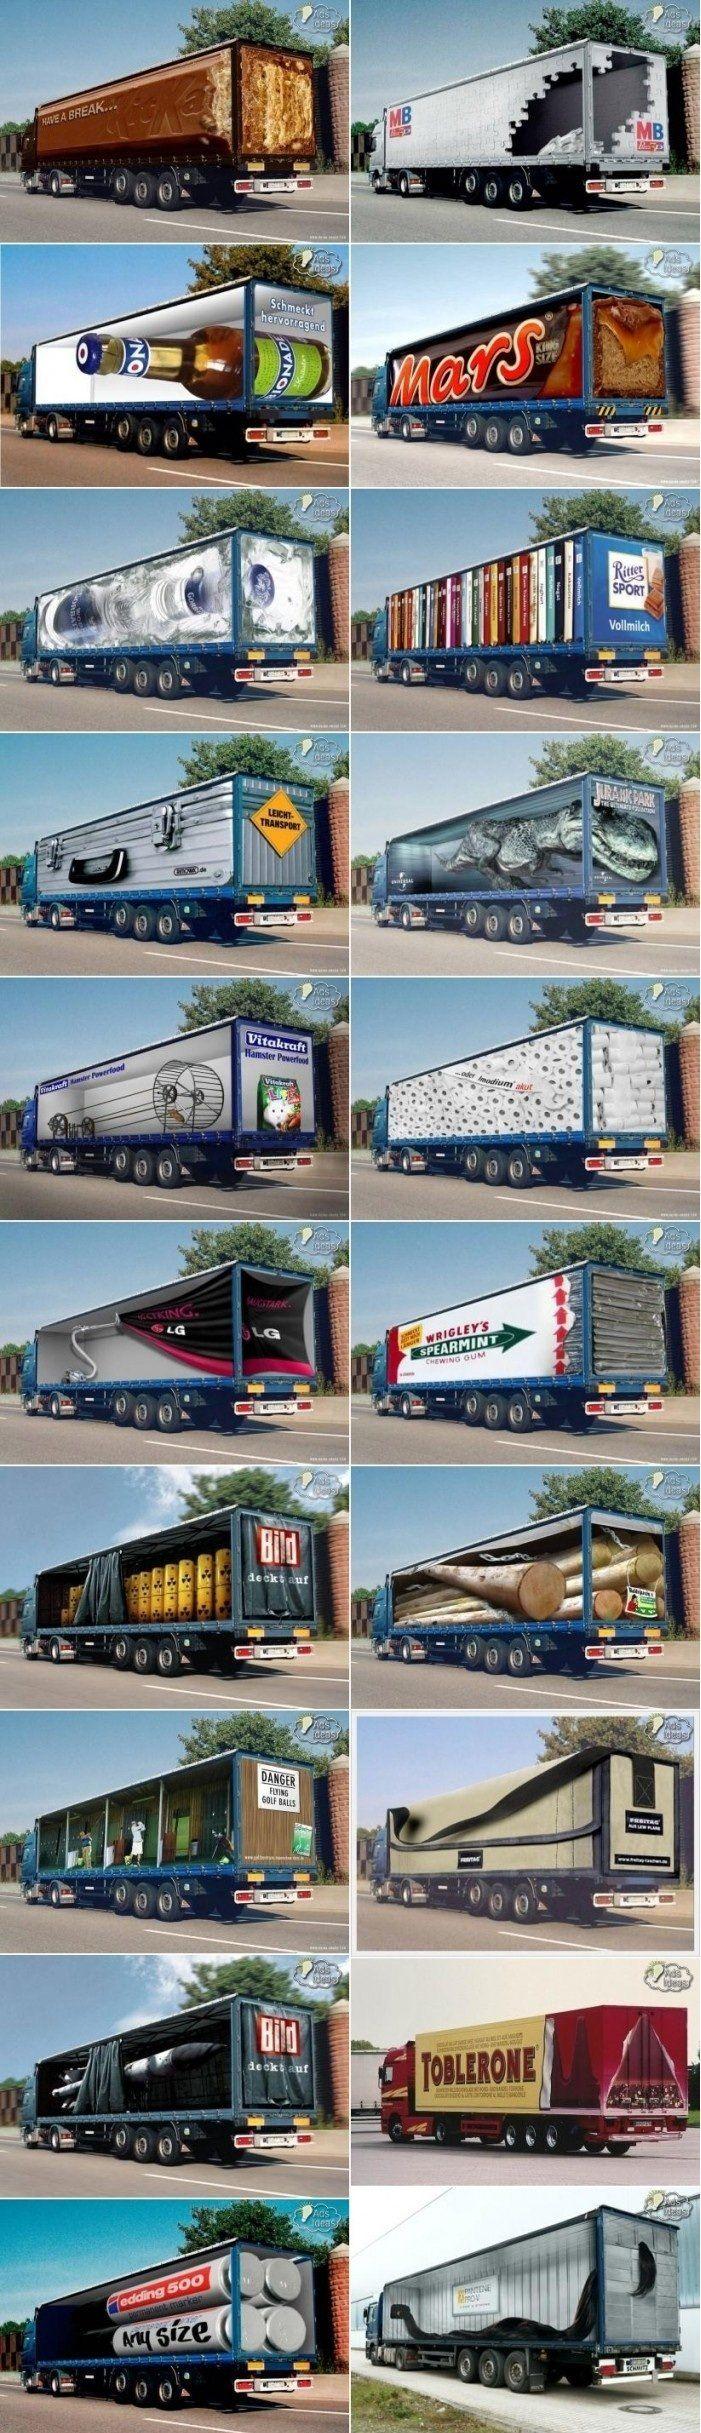 funny semi truck memes - Buscar con Google